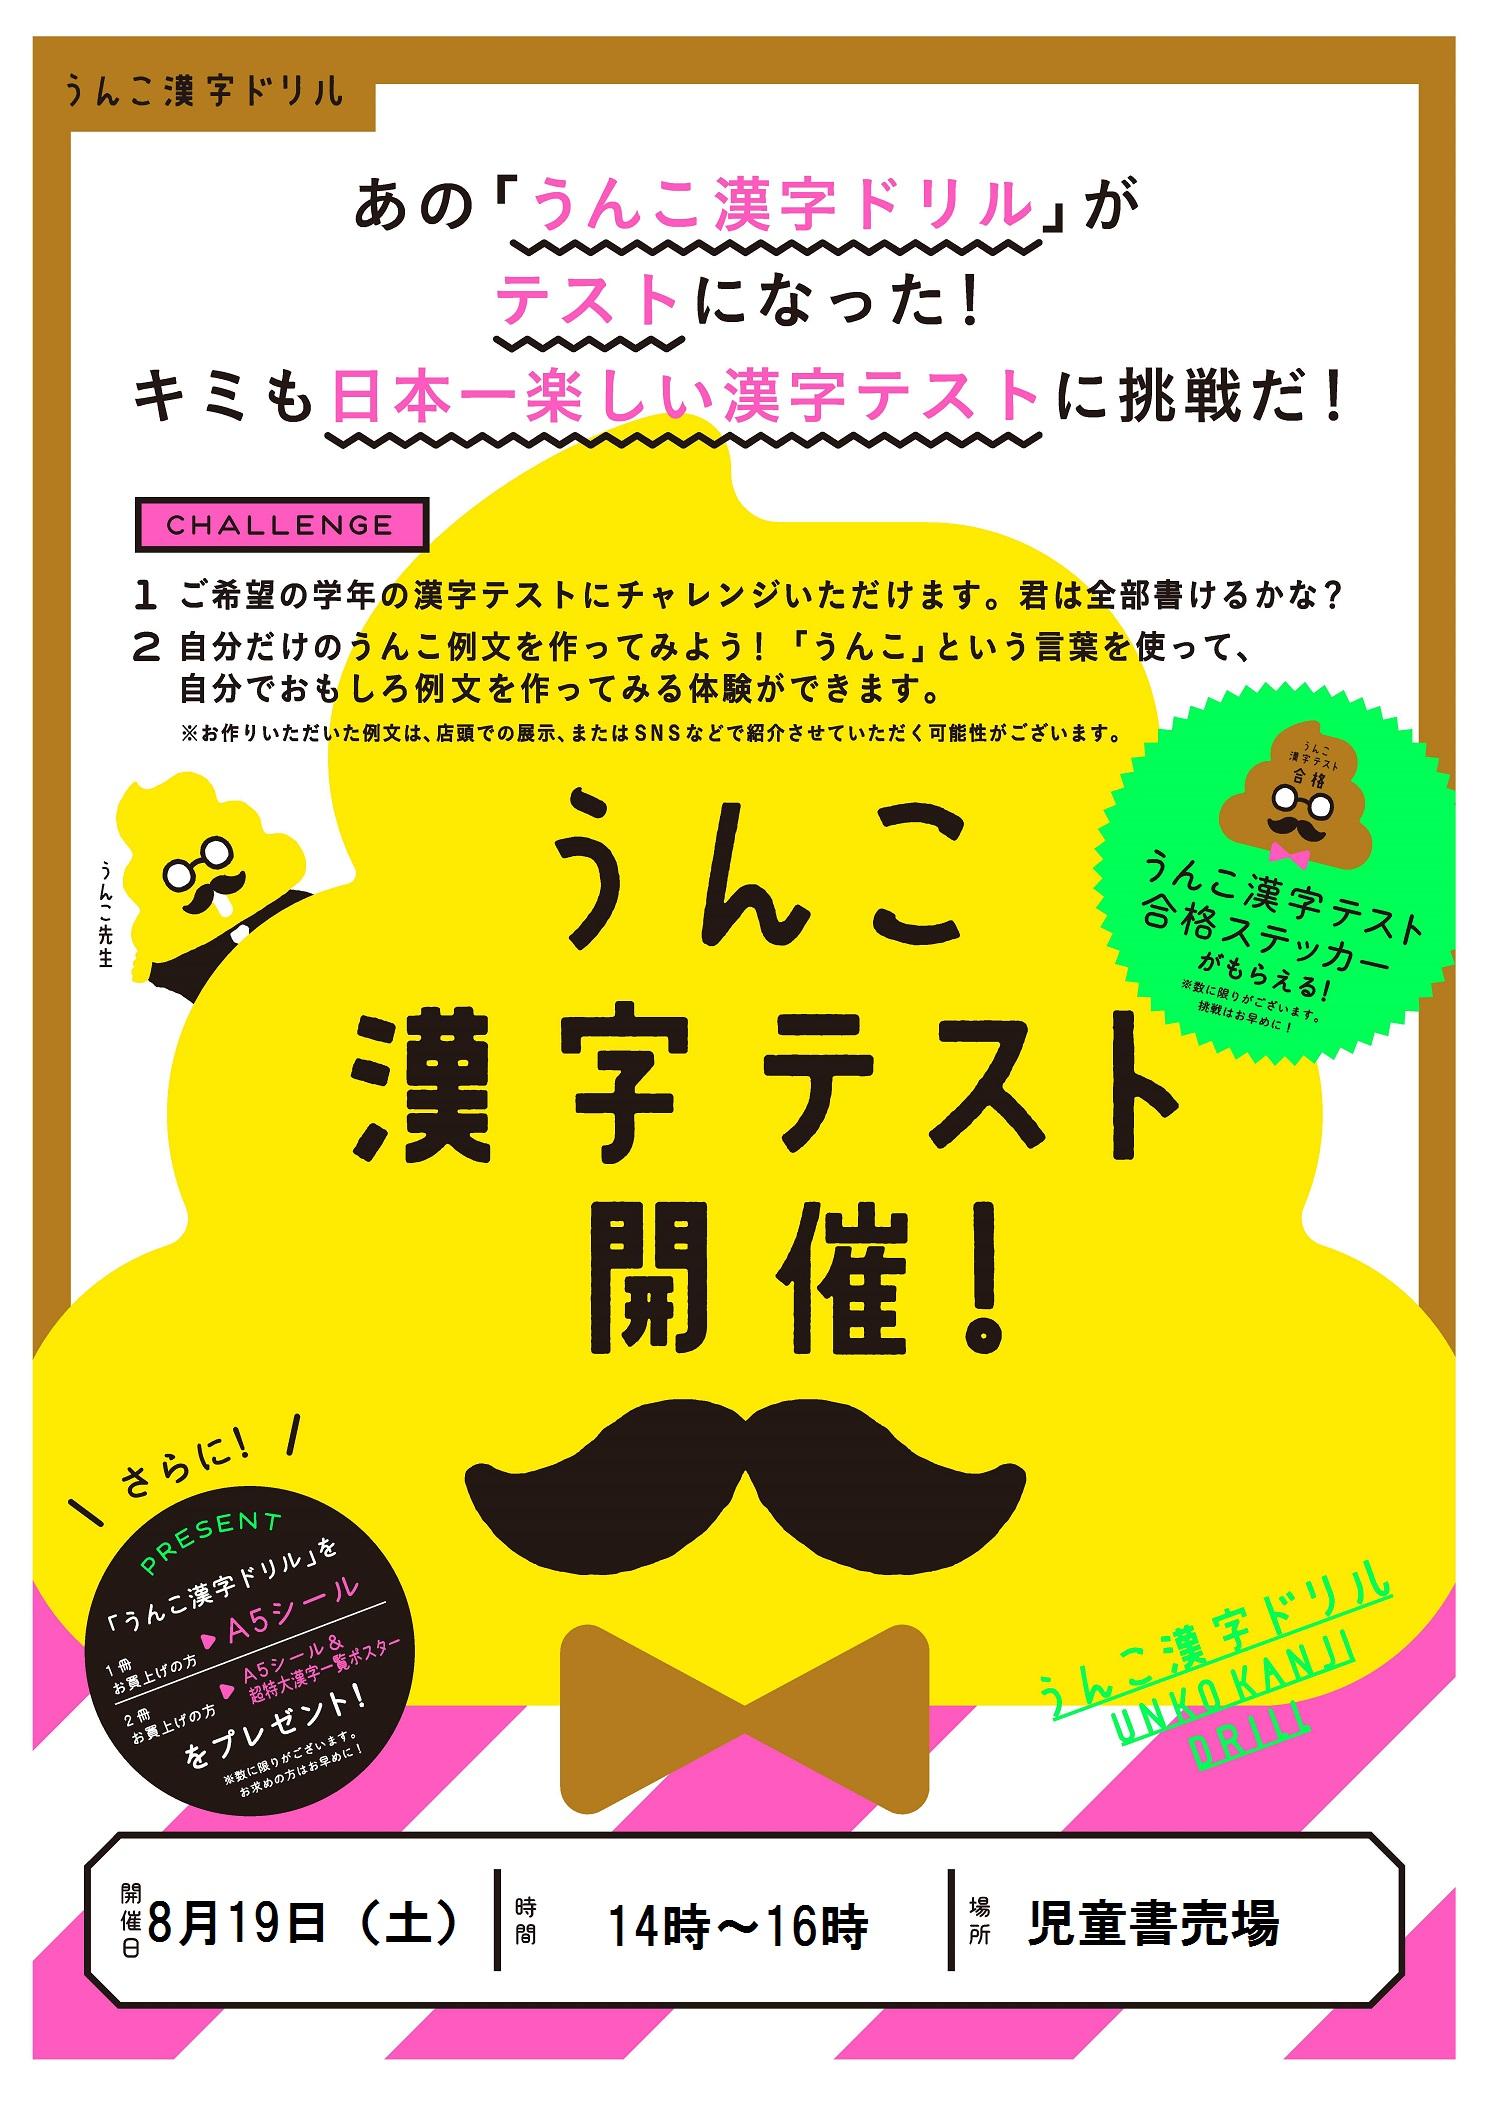 うんこ漢字テスト開催!